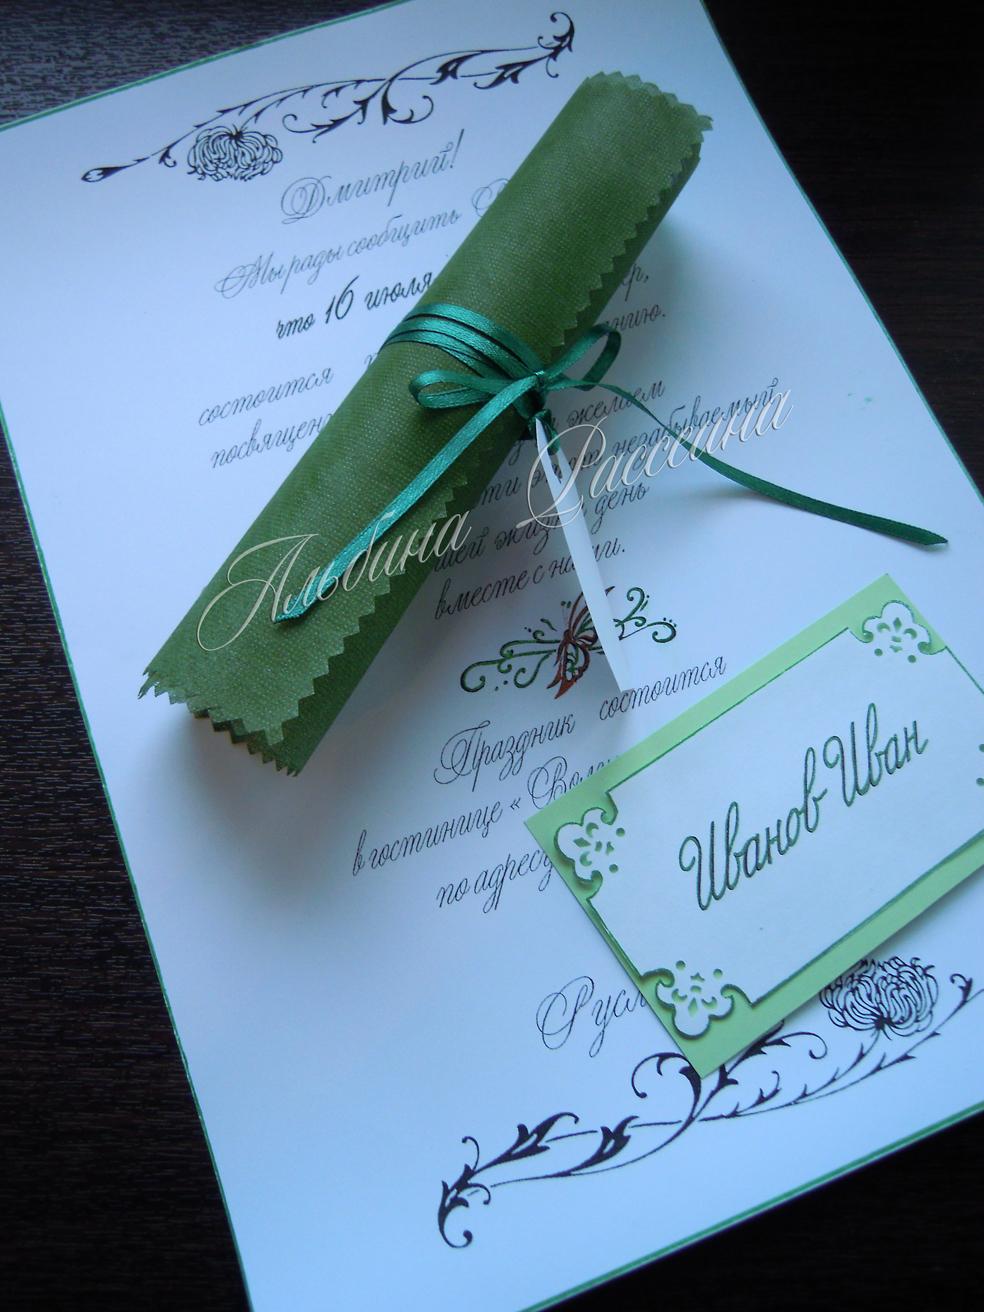 Для мужчин, напечатать приглашения на свадьбу нижний новгород